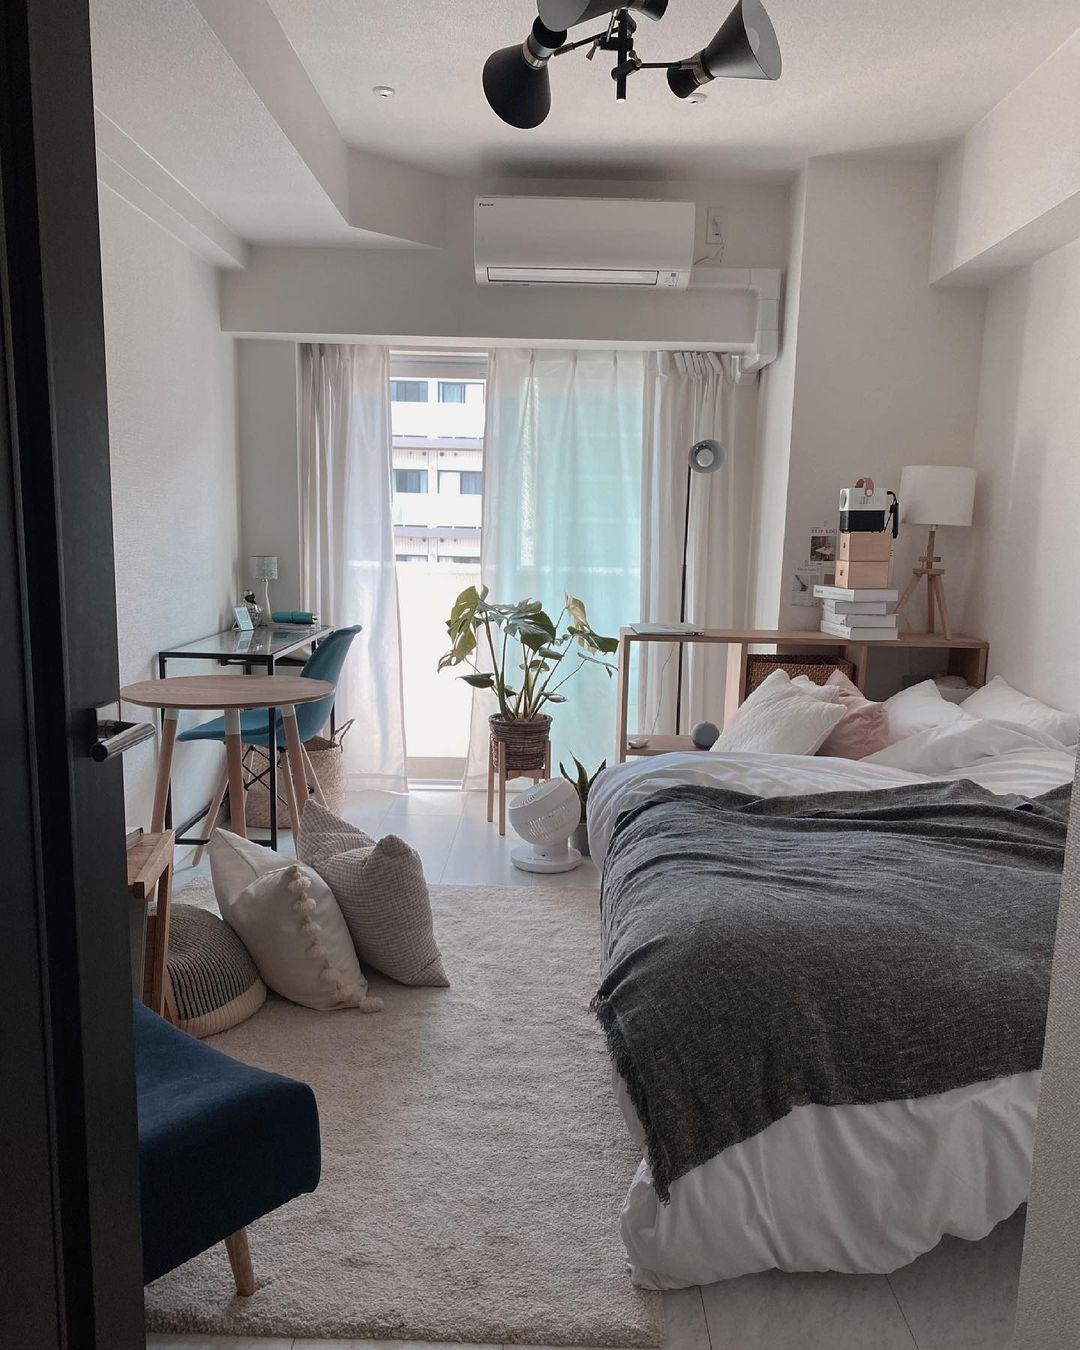 縦長の7.6畳、手前にセミダブルベッドを配置し、一人がけのソファ、丸テーブル、窓際にはデスクと収納と、うまく配置していらっしゃいます。